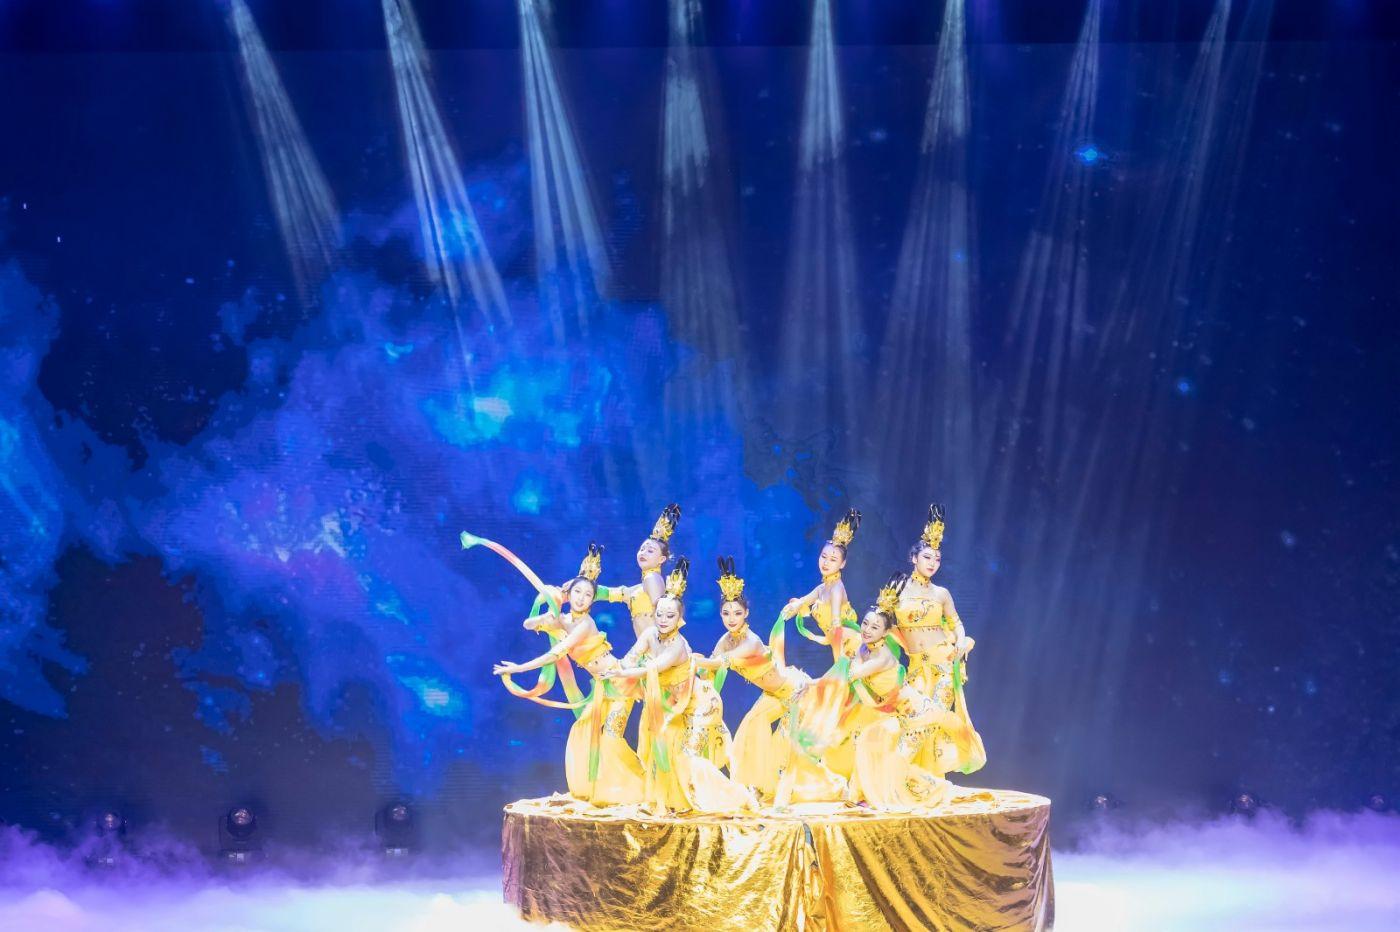 沂蒙大地上 有一种舞蹈叫飞天 这是几位临沂女孩的杰作 美轮美奂 ..._图1-23